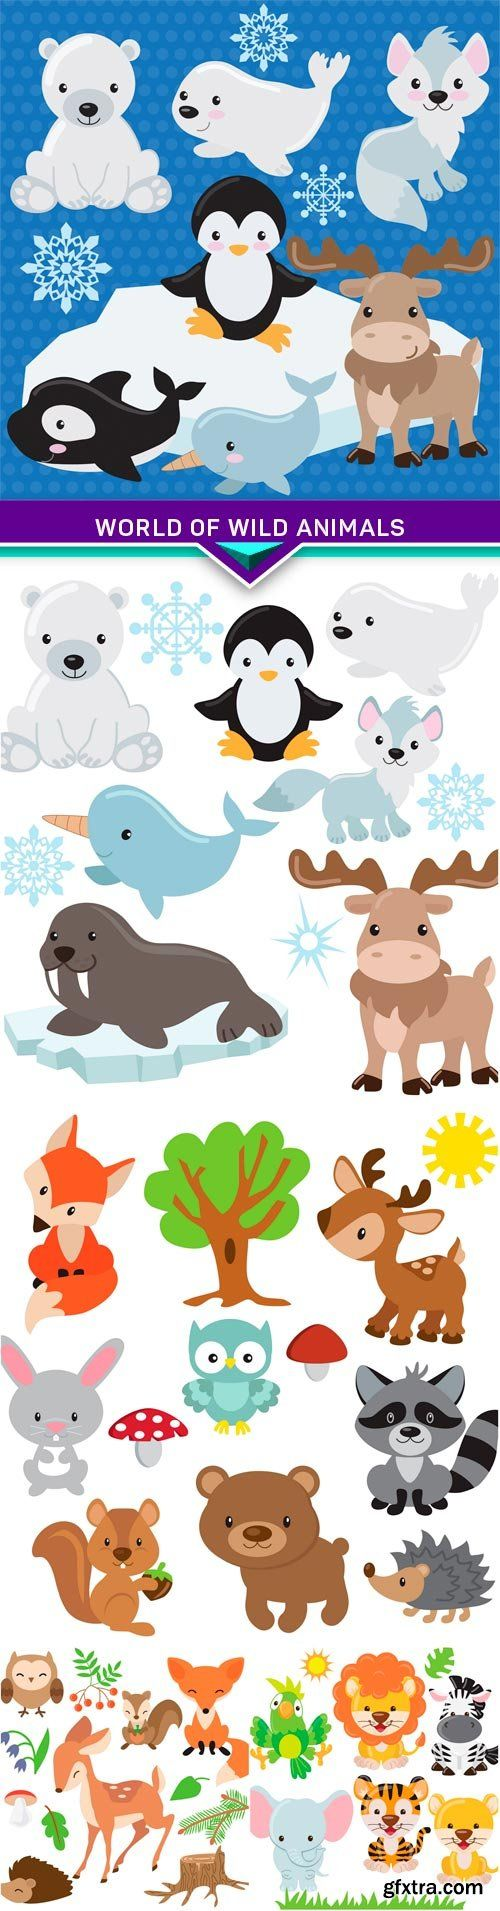 World of wild animals 5X EPS